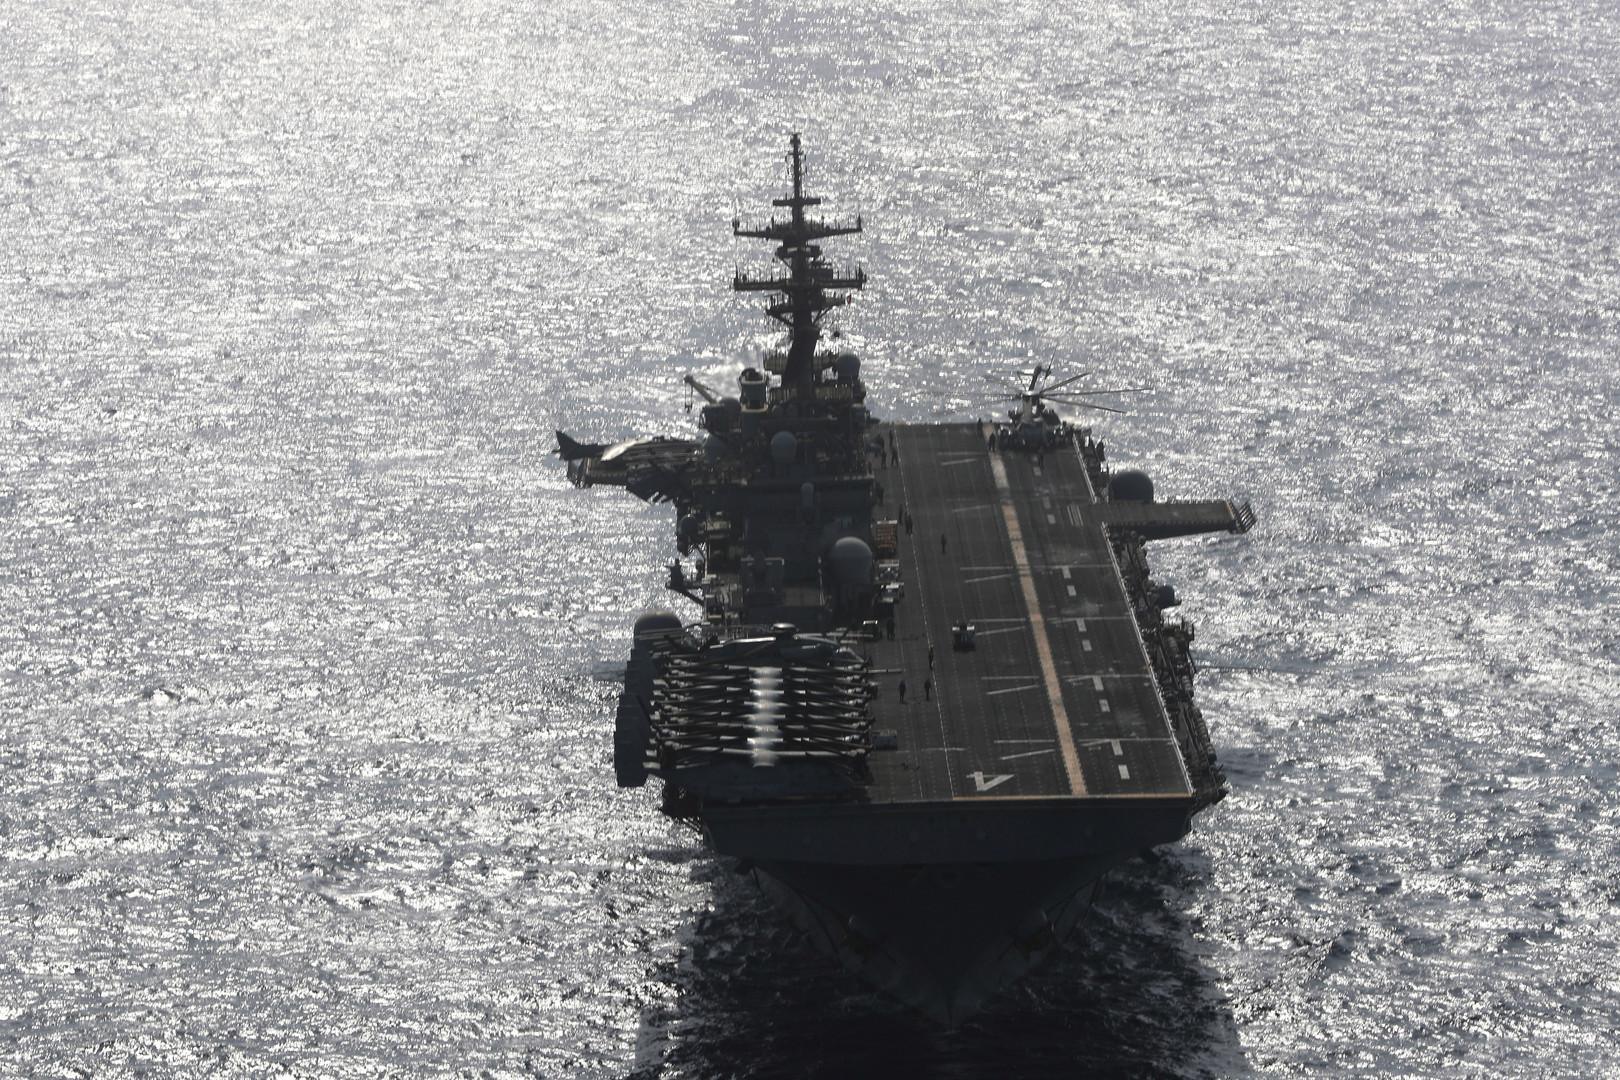 """حاملة الطائرات الأمريكية """"يو أس أس بوكسر"""" في خليج عمان"""